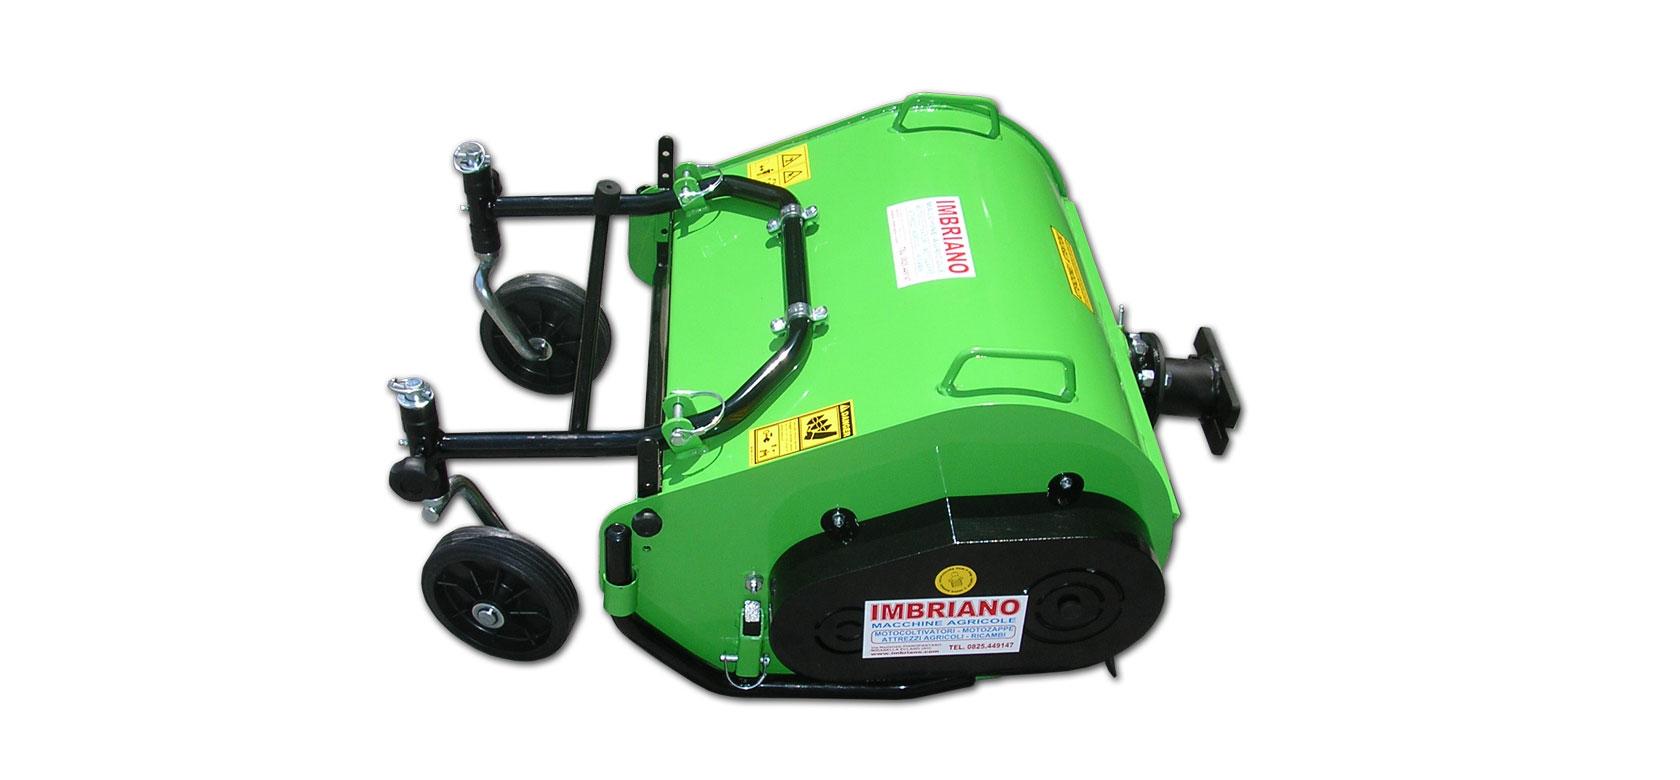 Trincia per motocoltivatori 60 cm imbriano srl for Trincia usata per motocoltivatore bcs